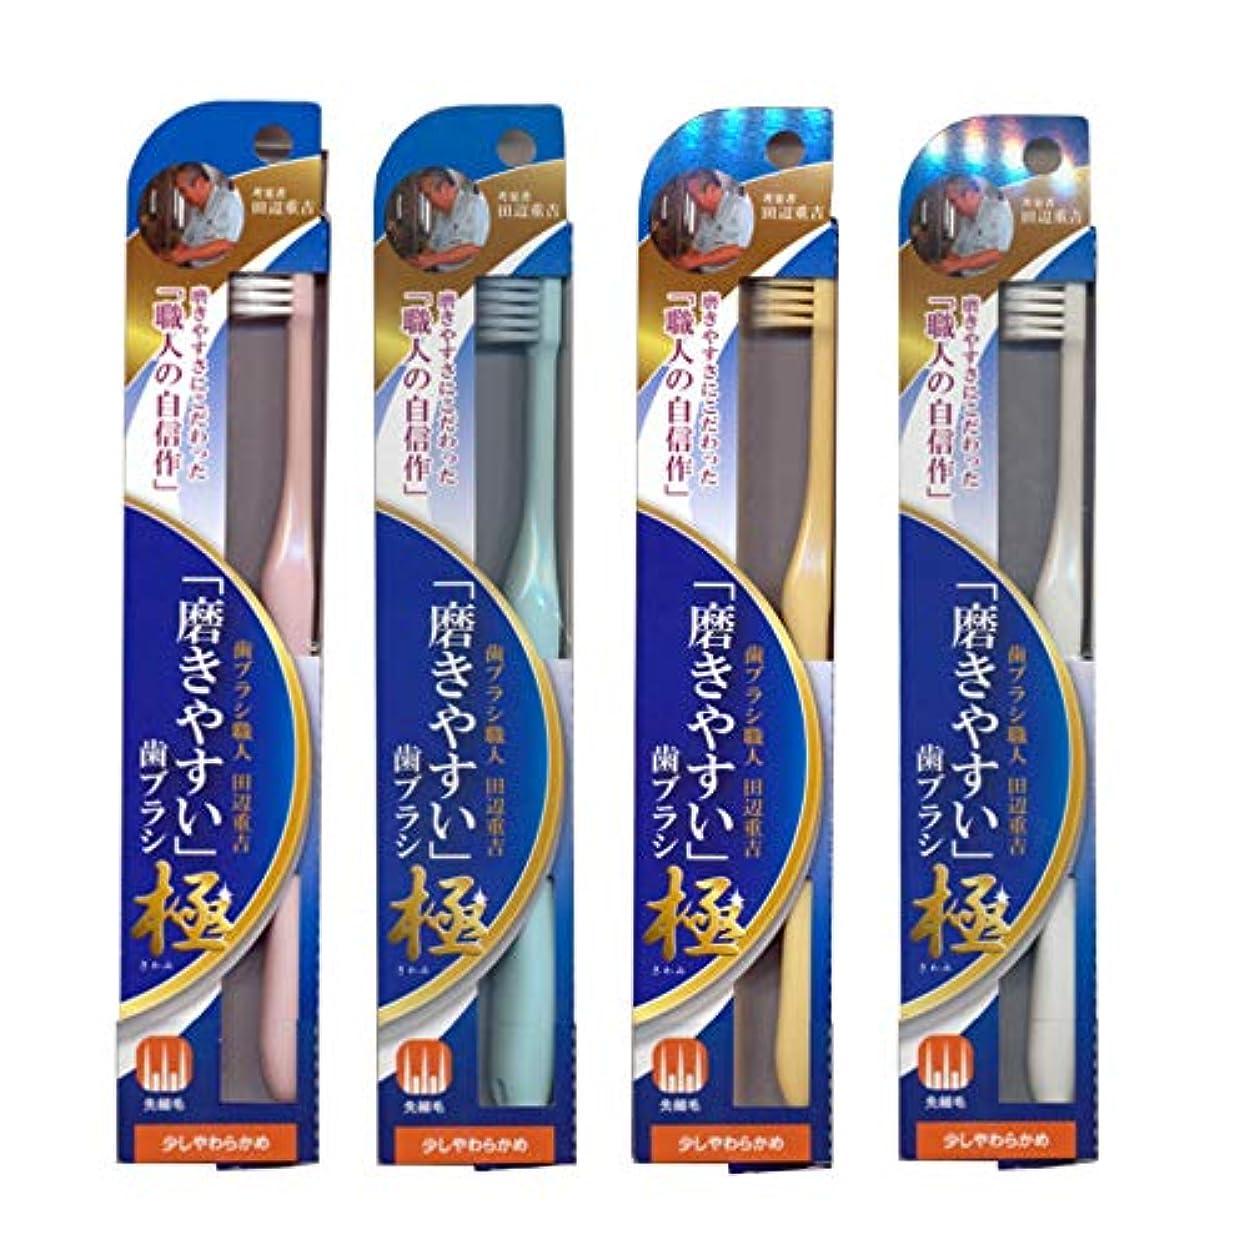 困惑する手足香ばしい磨きやすい歯ブラシ極 (少し柔らかめ) LT-43×12本セット(ピンク×3、ブルー×3、ホワイト×3、イエロー×3) 先細毛